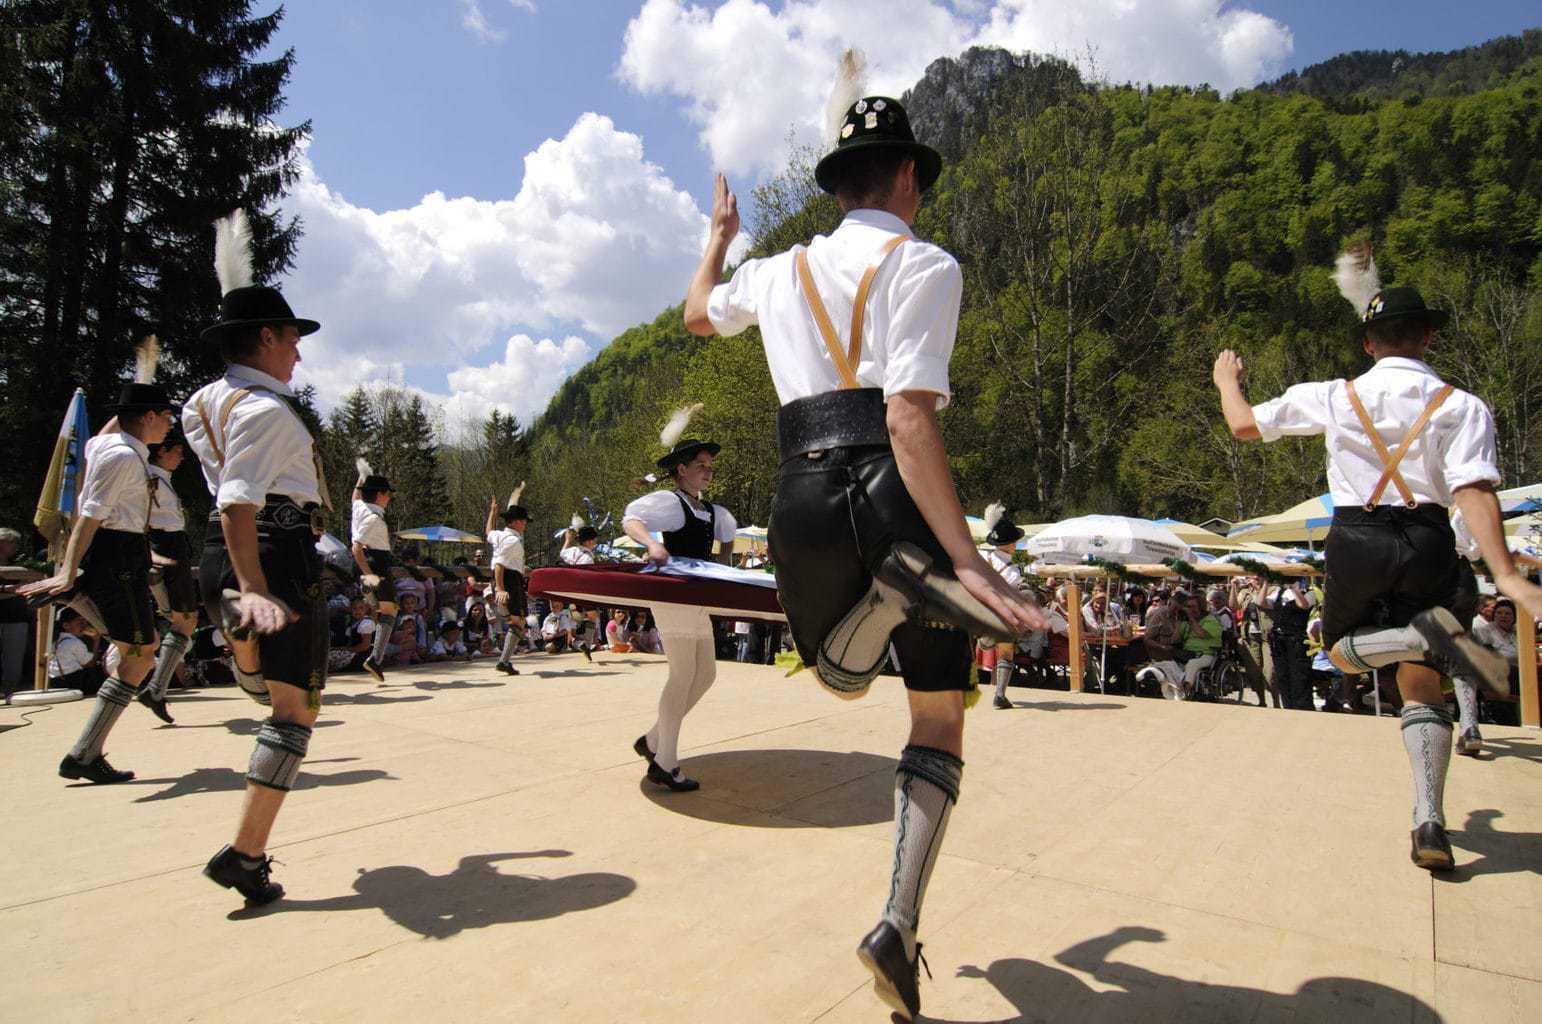 Traditionele meidans in Beieren met mannen in trachten